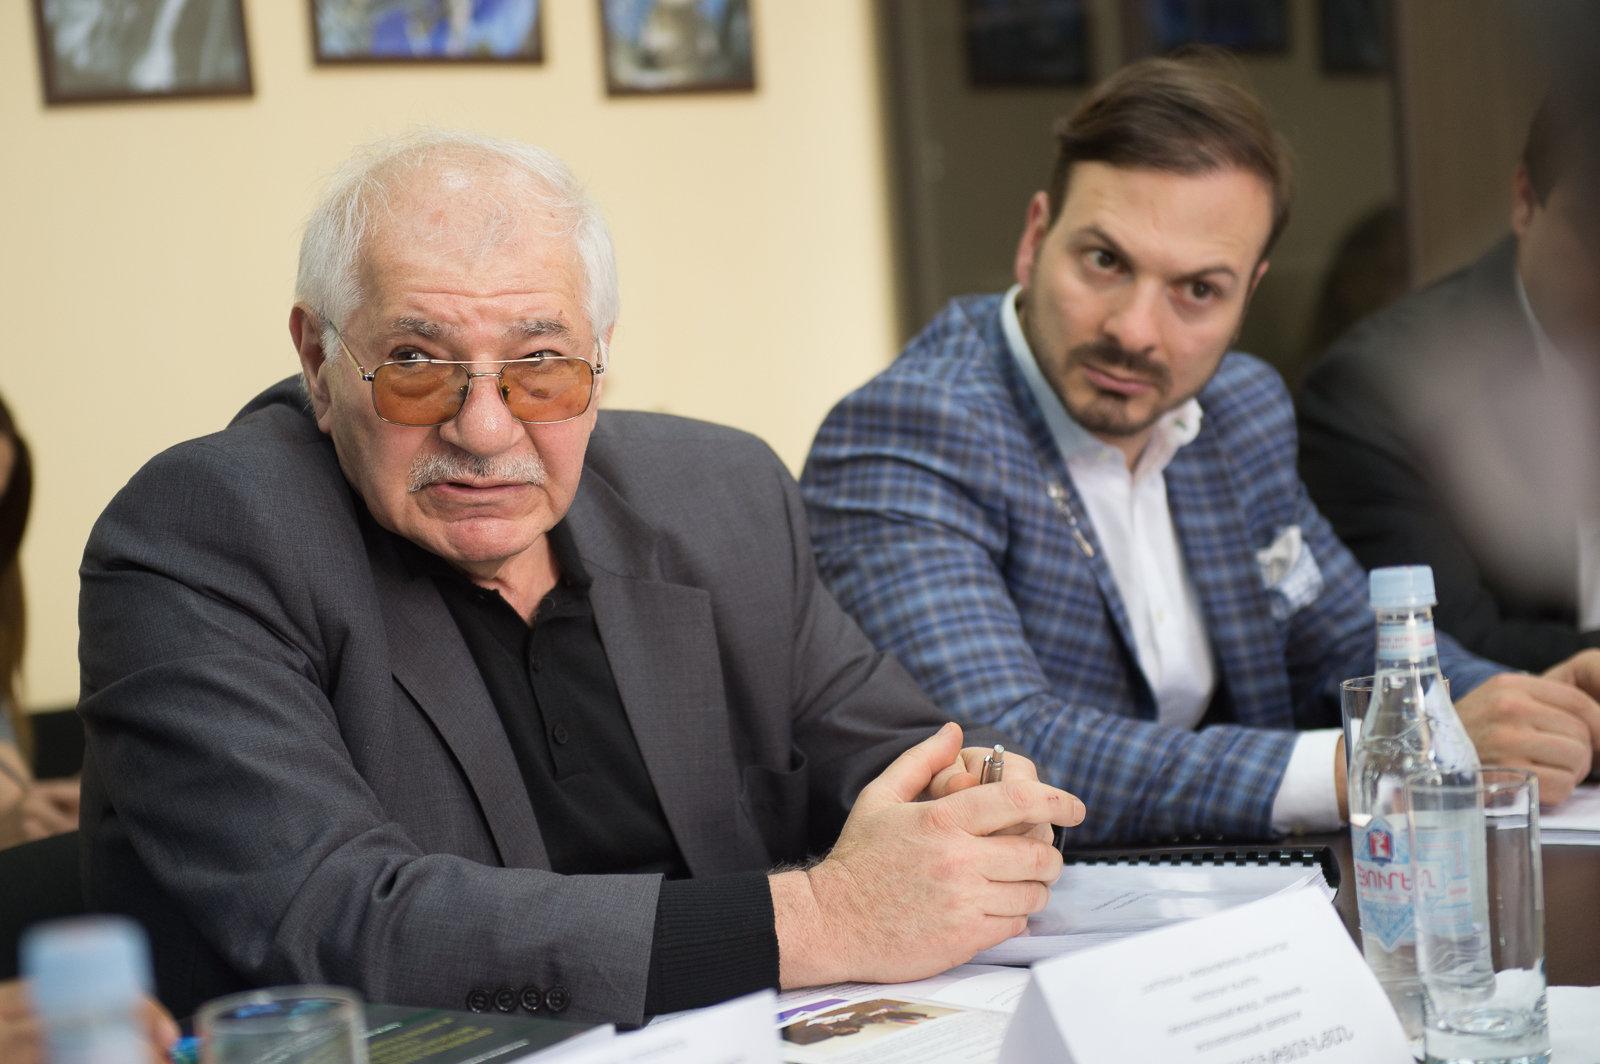 Круглый стол по инициативе ОДКБ и ЕВРАЗЭС на тему Образование в сфере безопасности Армении